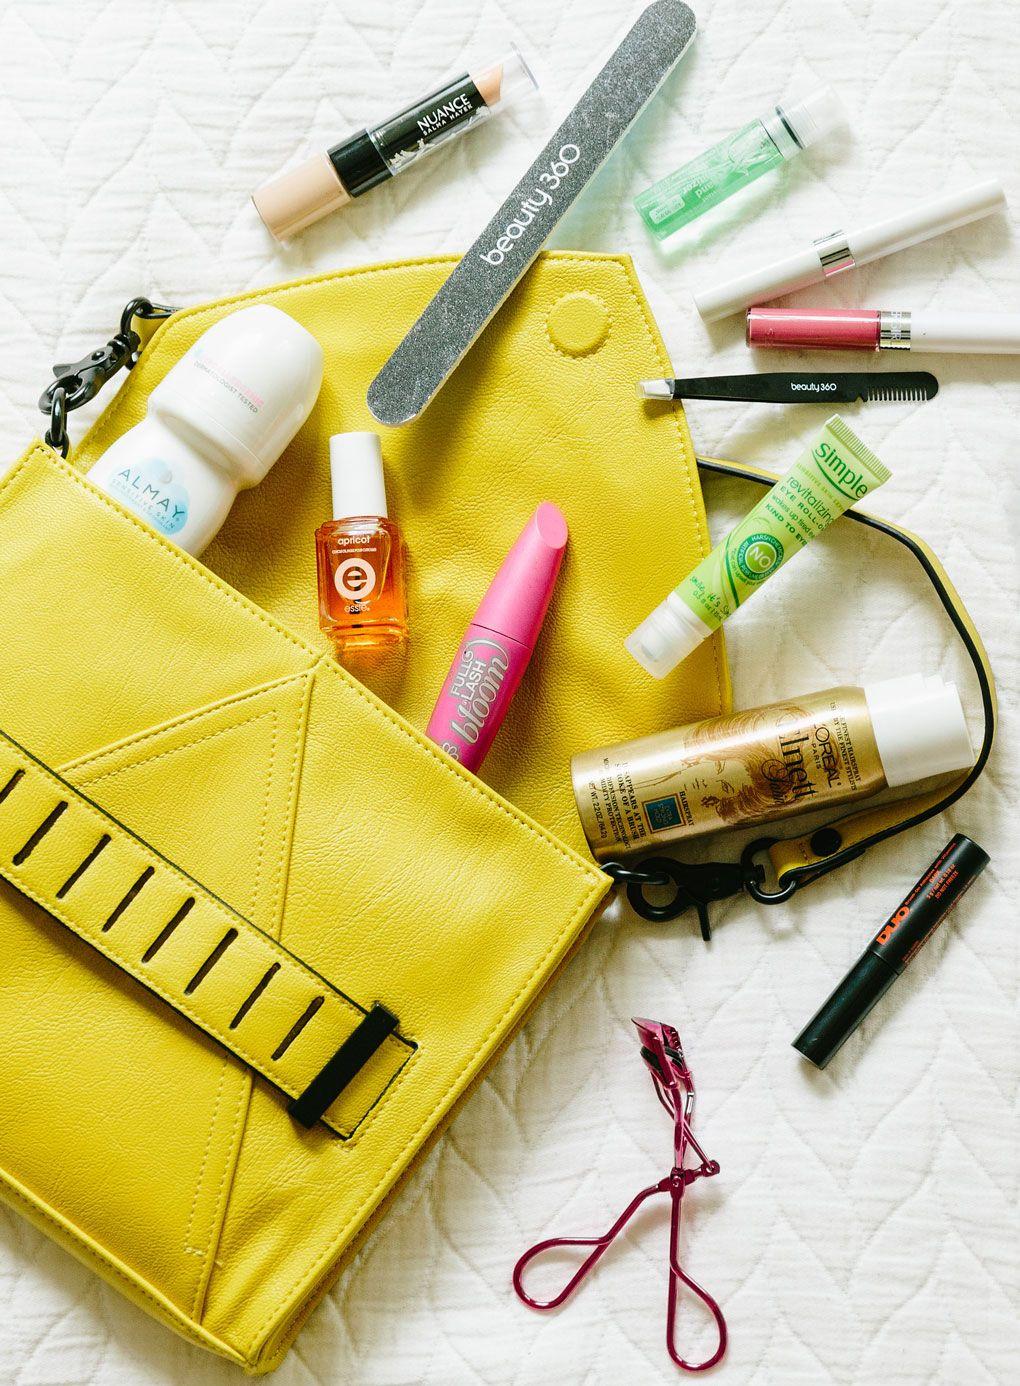 Fashion week beauty bag a giveaway beauty bag